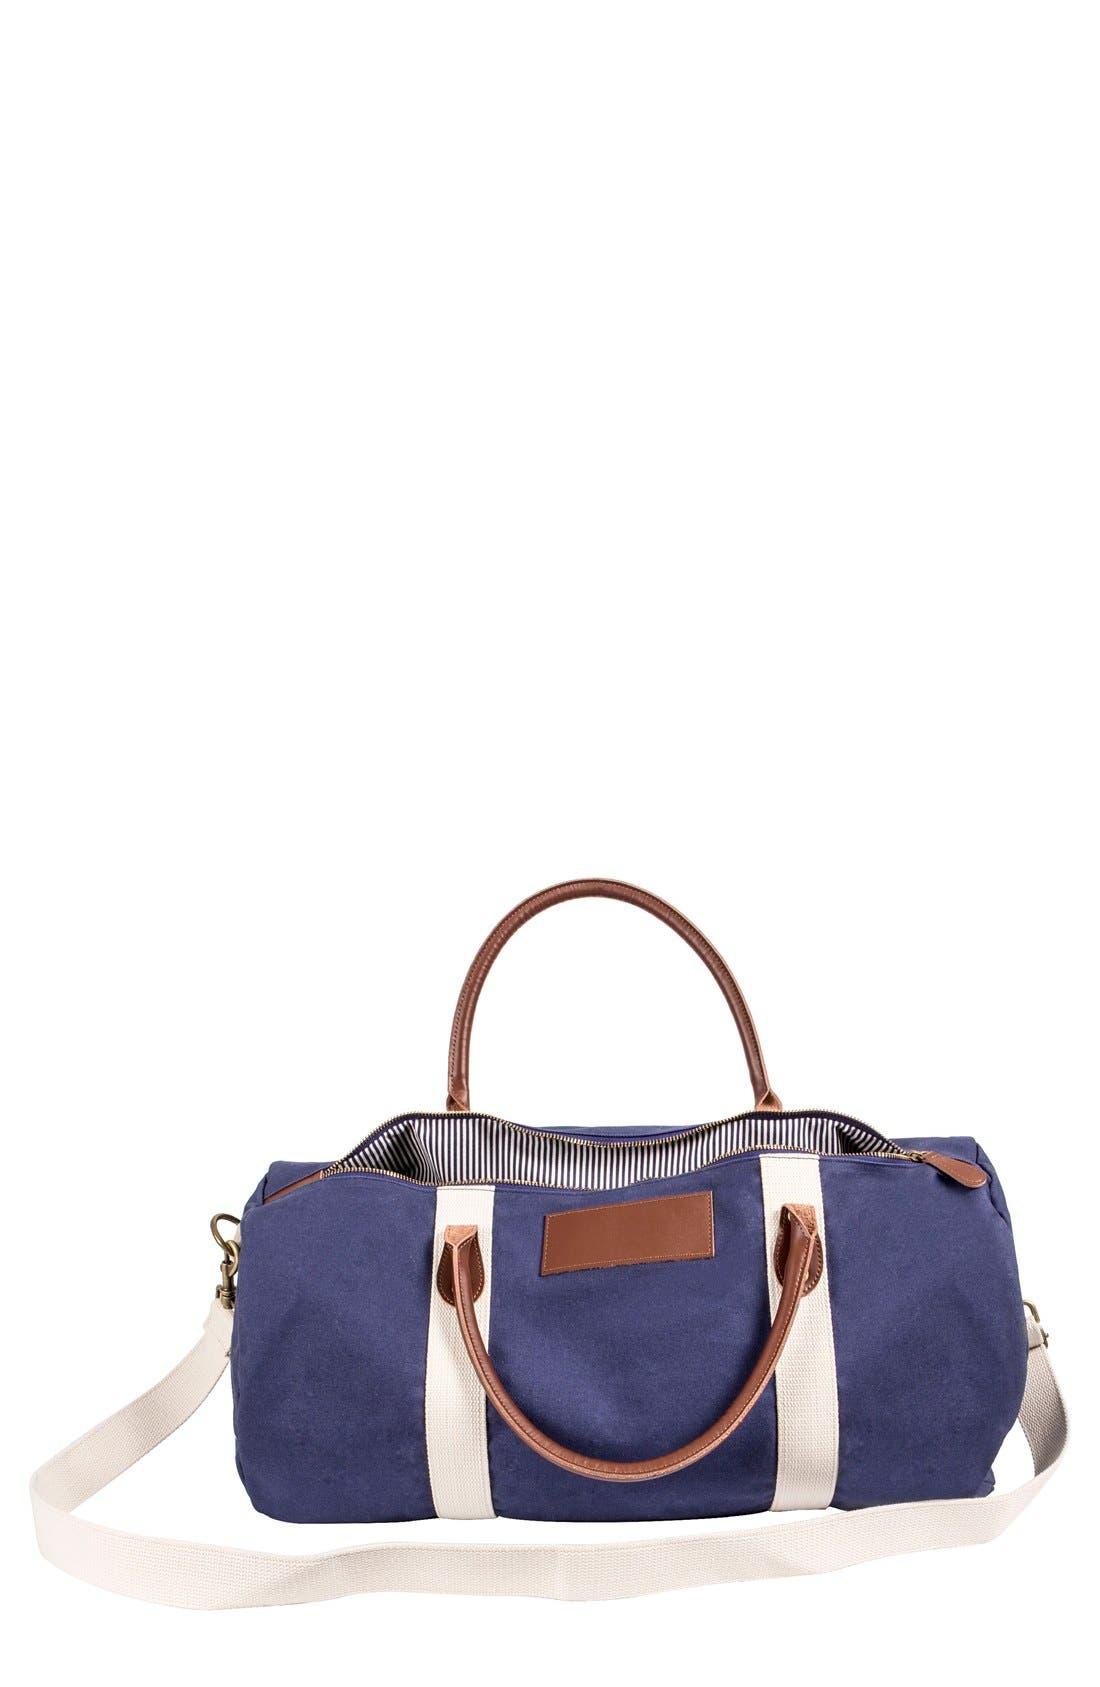 Monogram Duffel Bag,                             Main thumbnail 1, color,                             NAVY